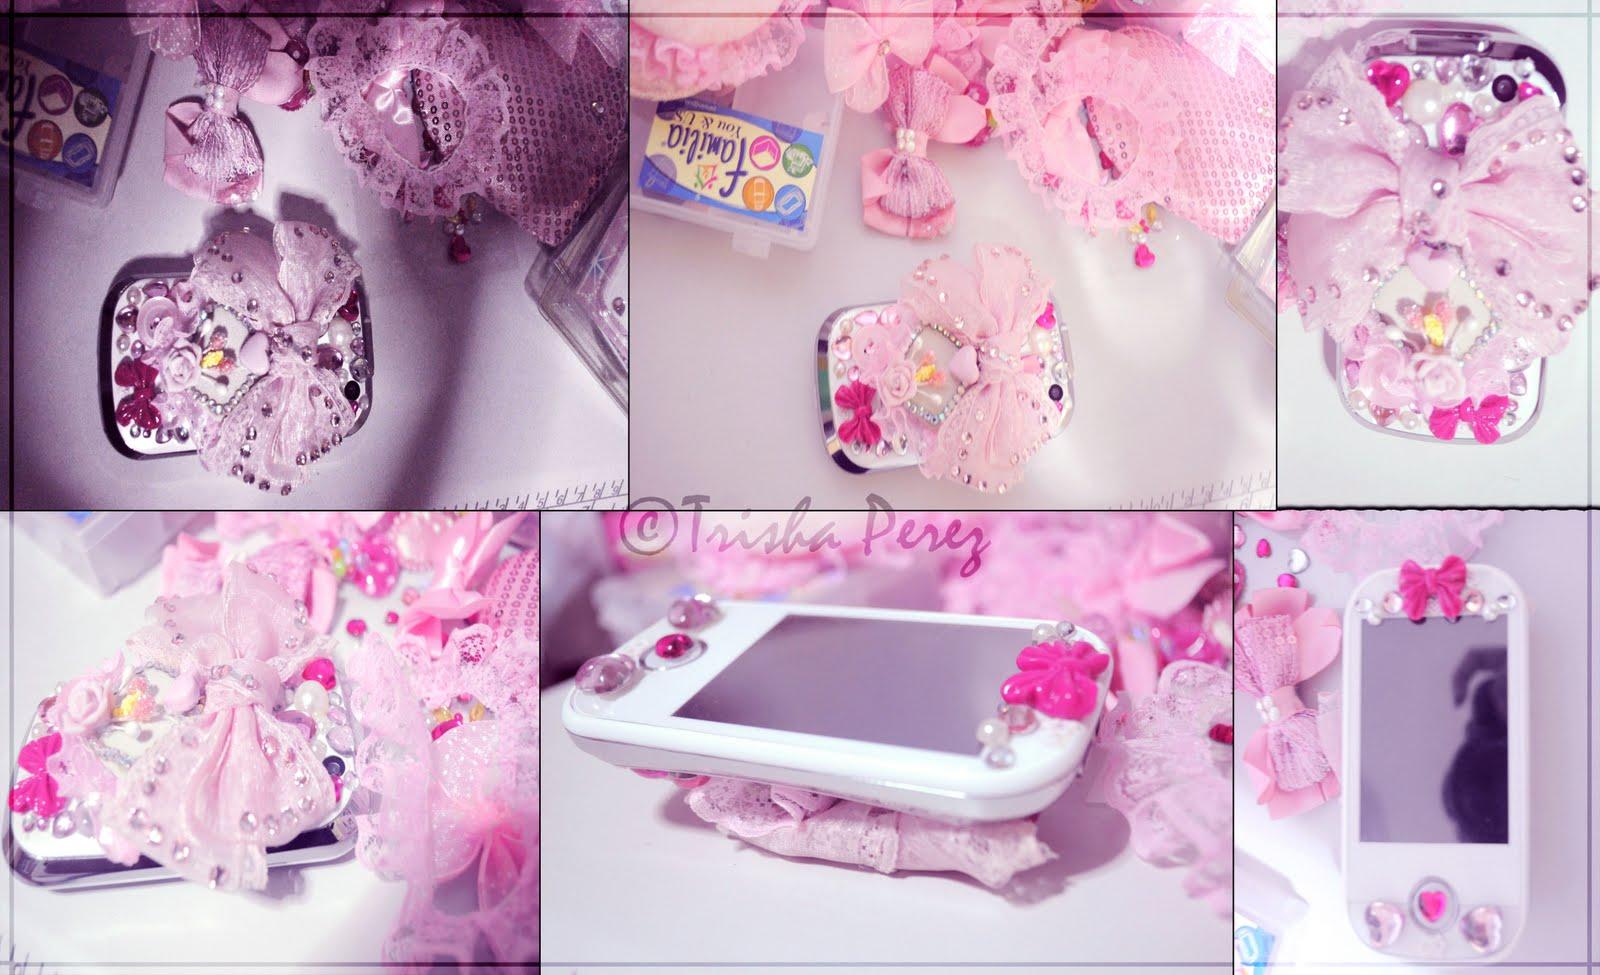 http://2.bp.blogspot.com/-l9YTVvlR3M8/TnIg8rQkfVI/AAAAAAAAAOA/SBpV_guA4M0/s1600/decora%2Bphone.jpg